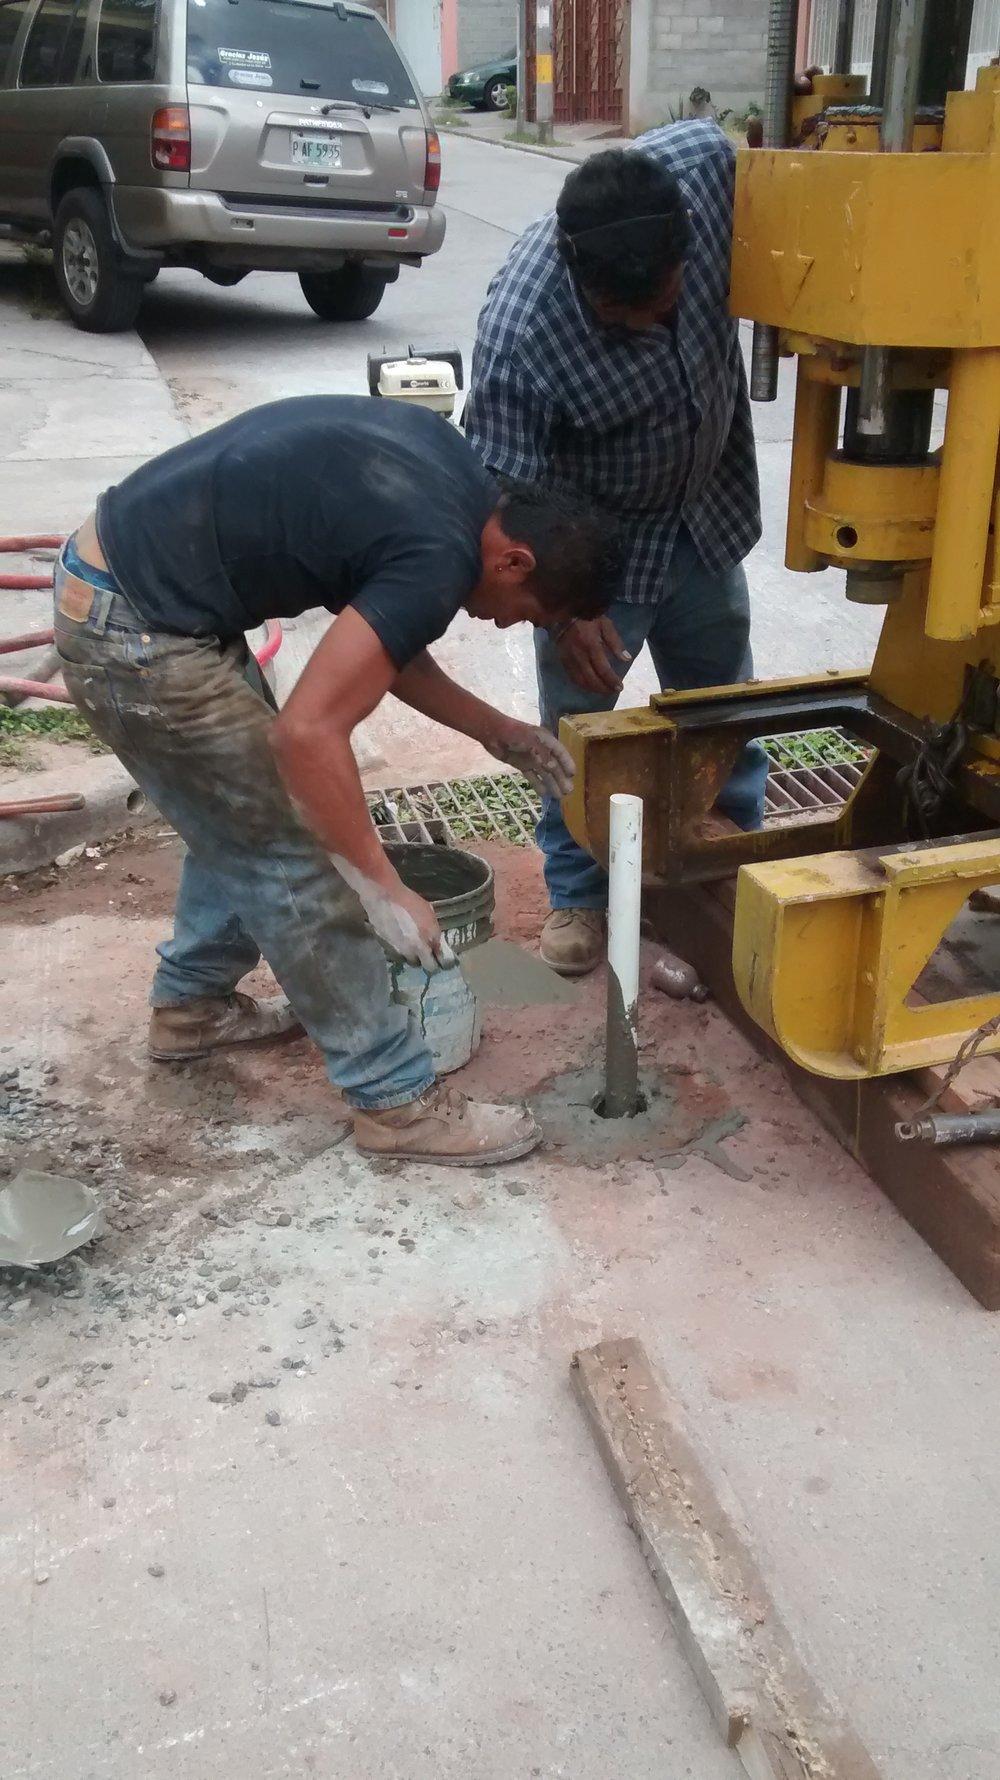 Instrumentación: Inclinómetros y Piezómetros - Para que construya con precisión y máxima eficiencia